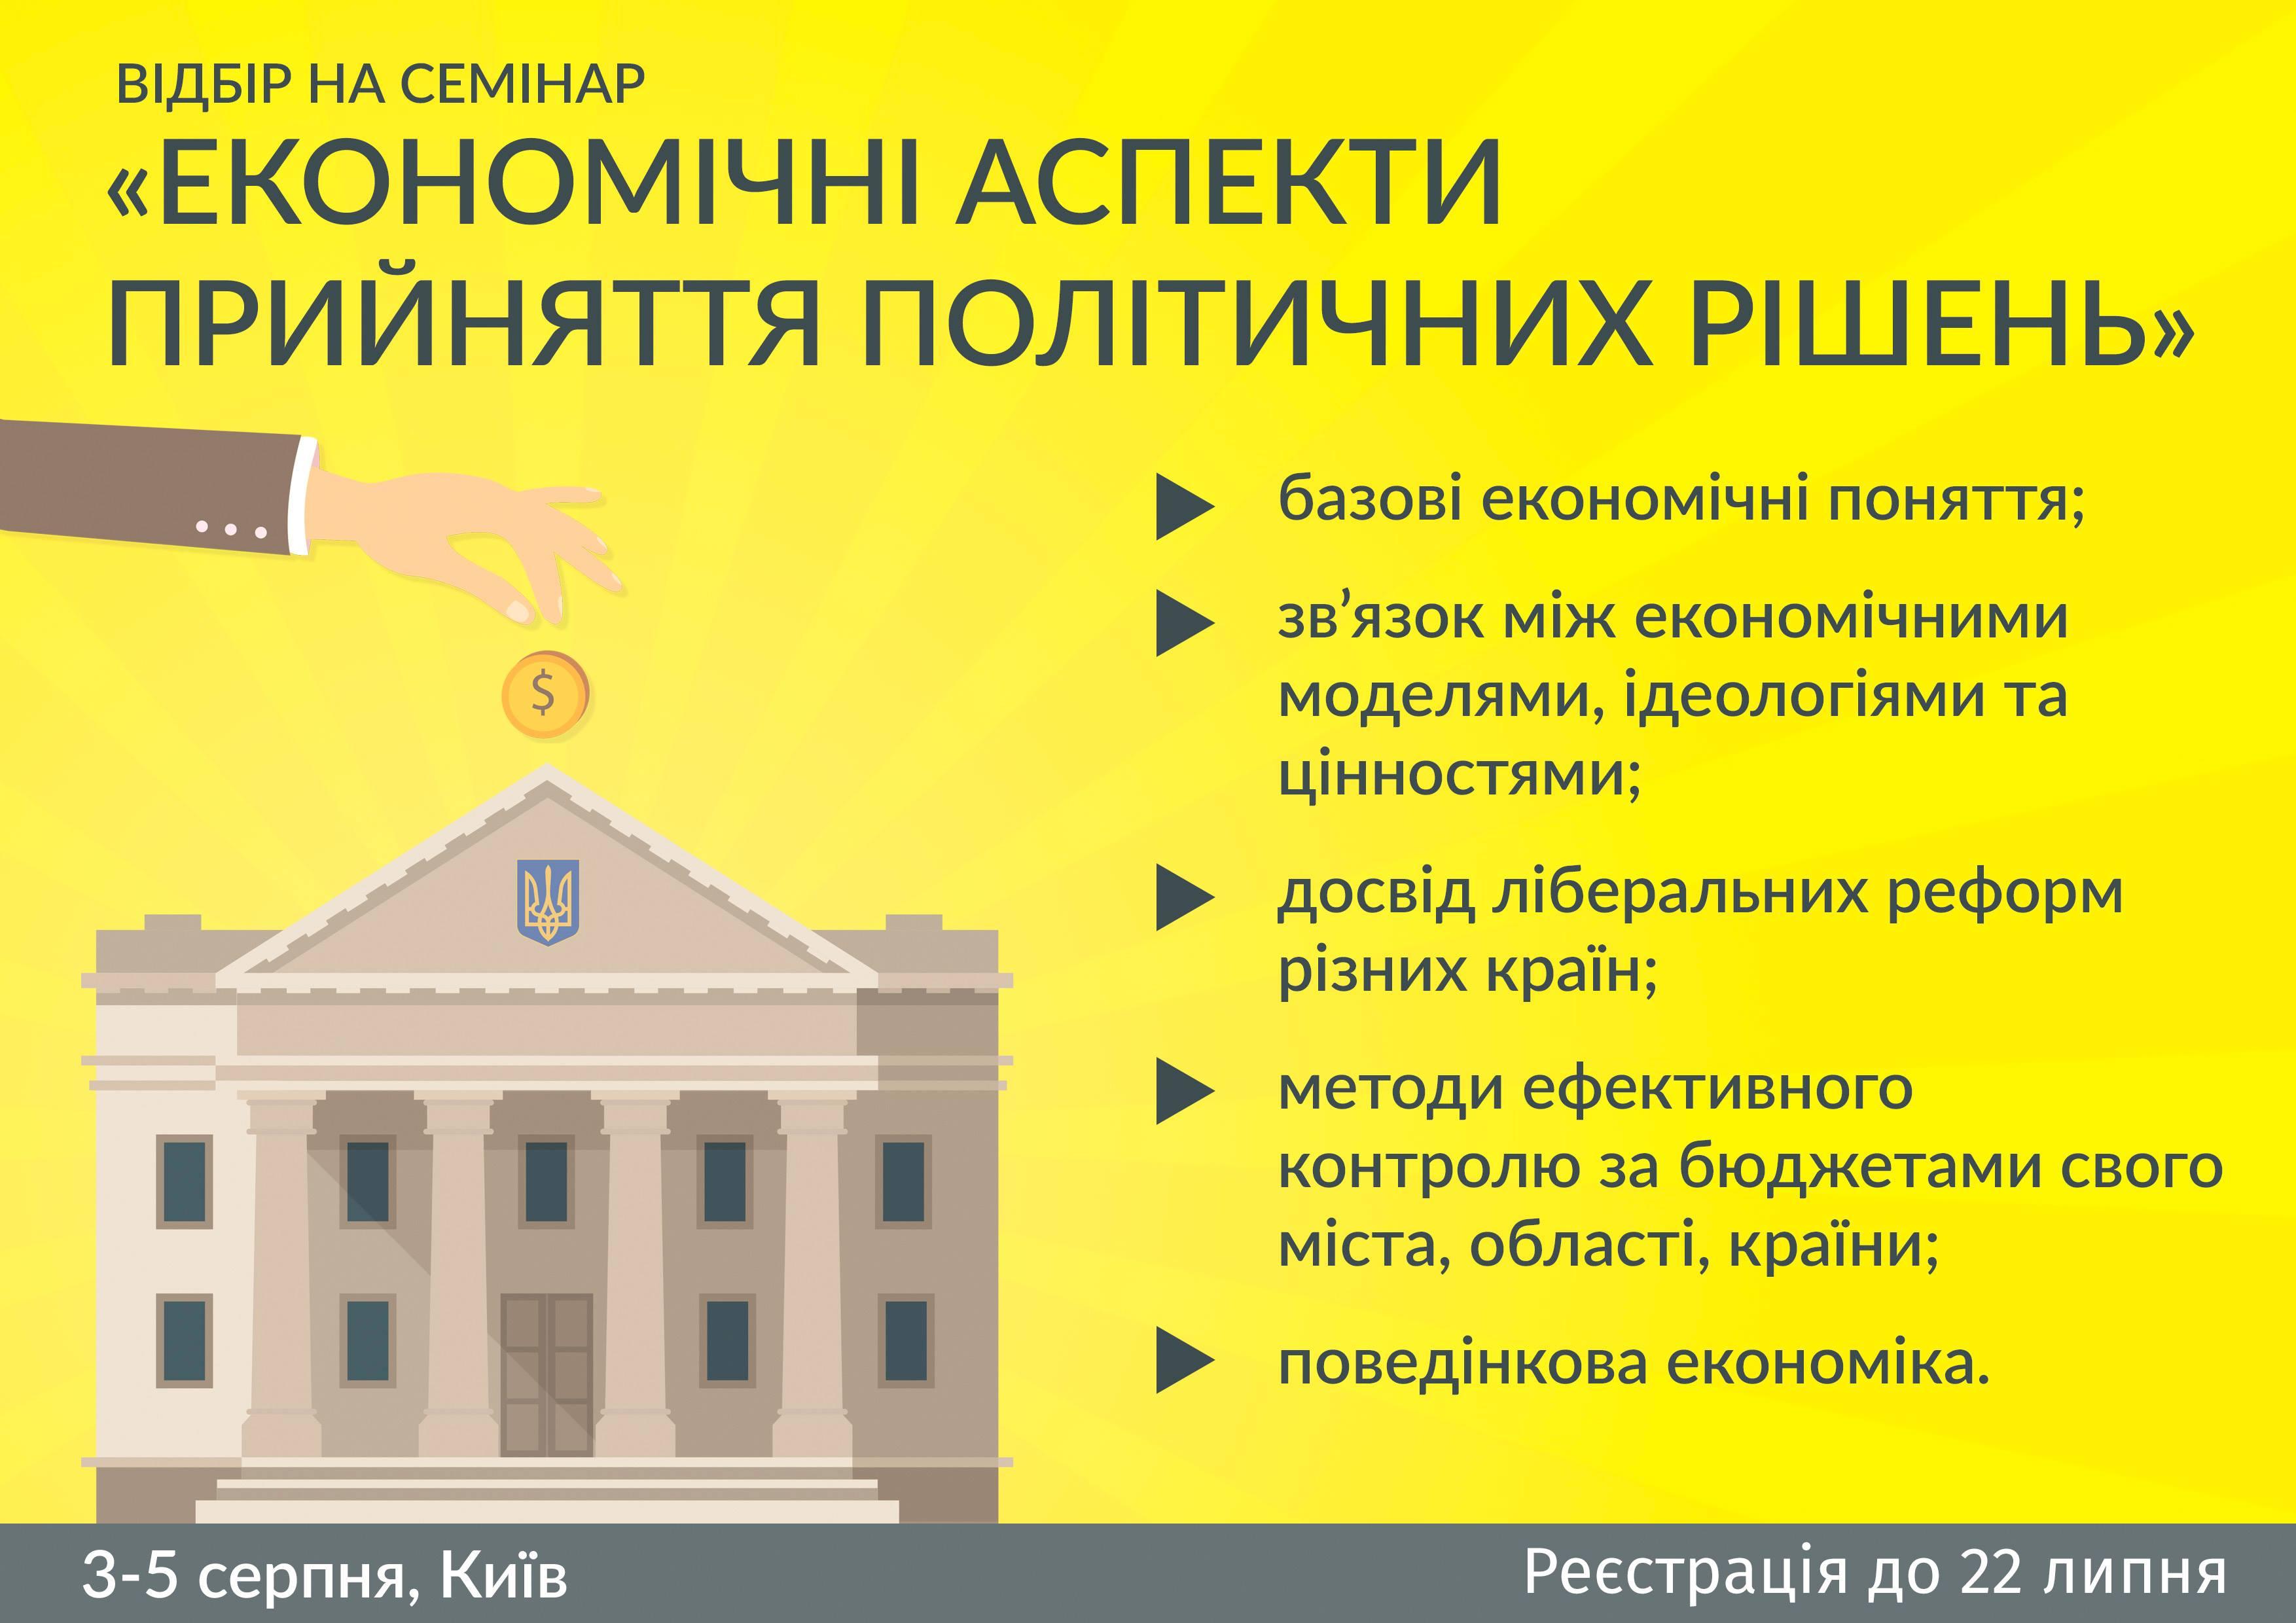 Семінар Економічні рішення